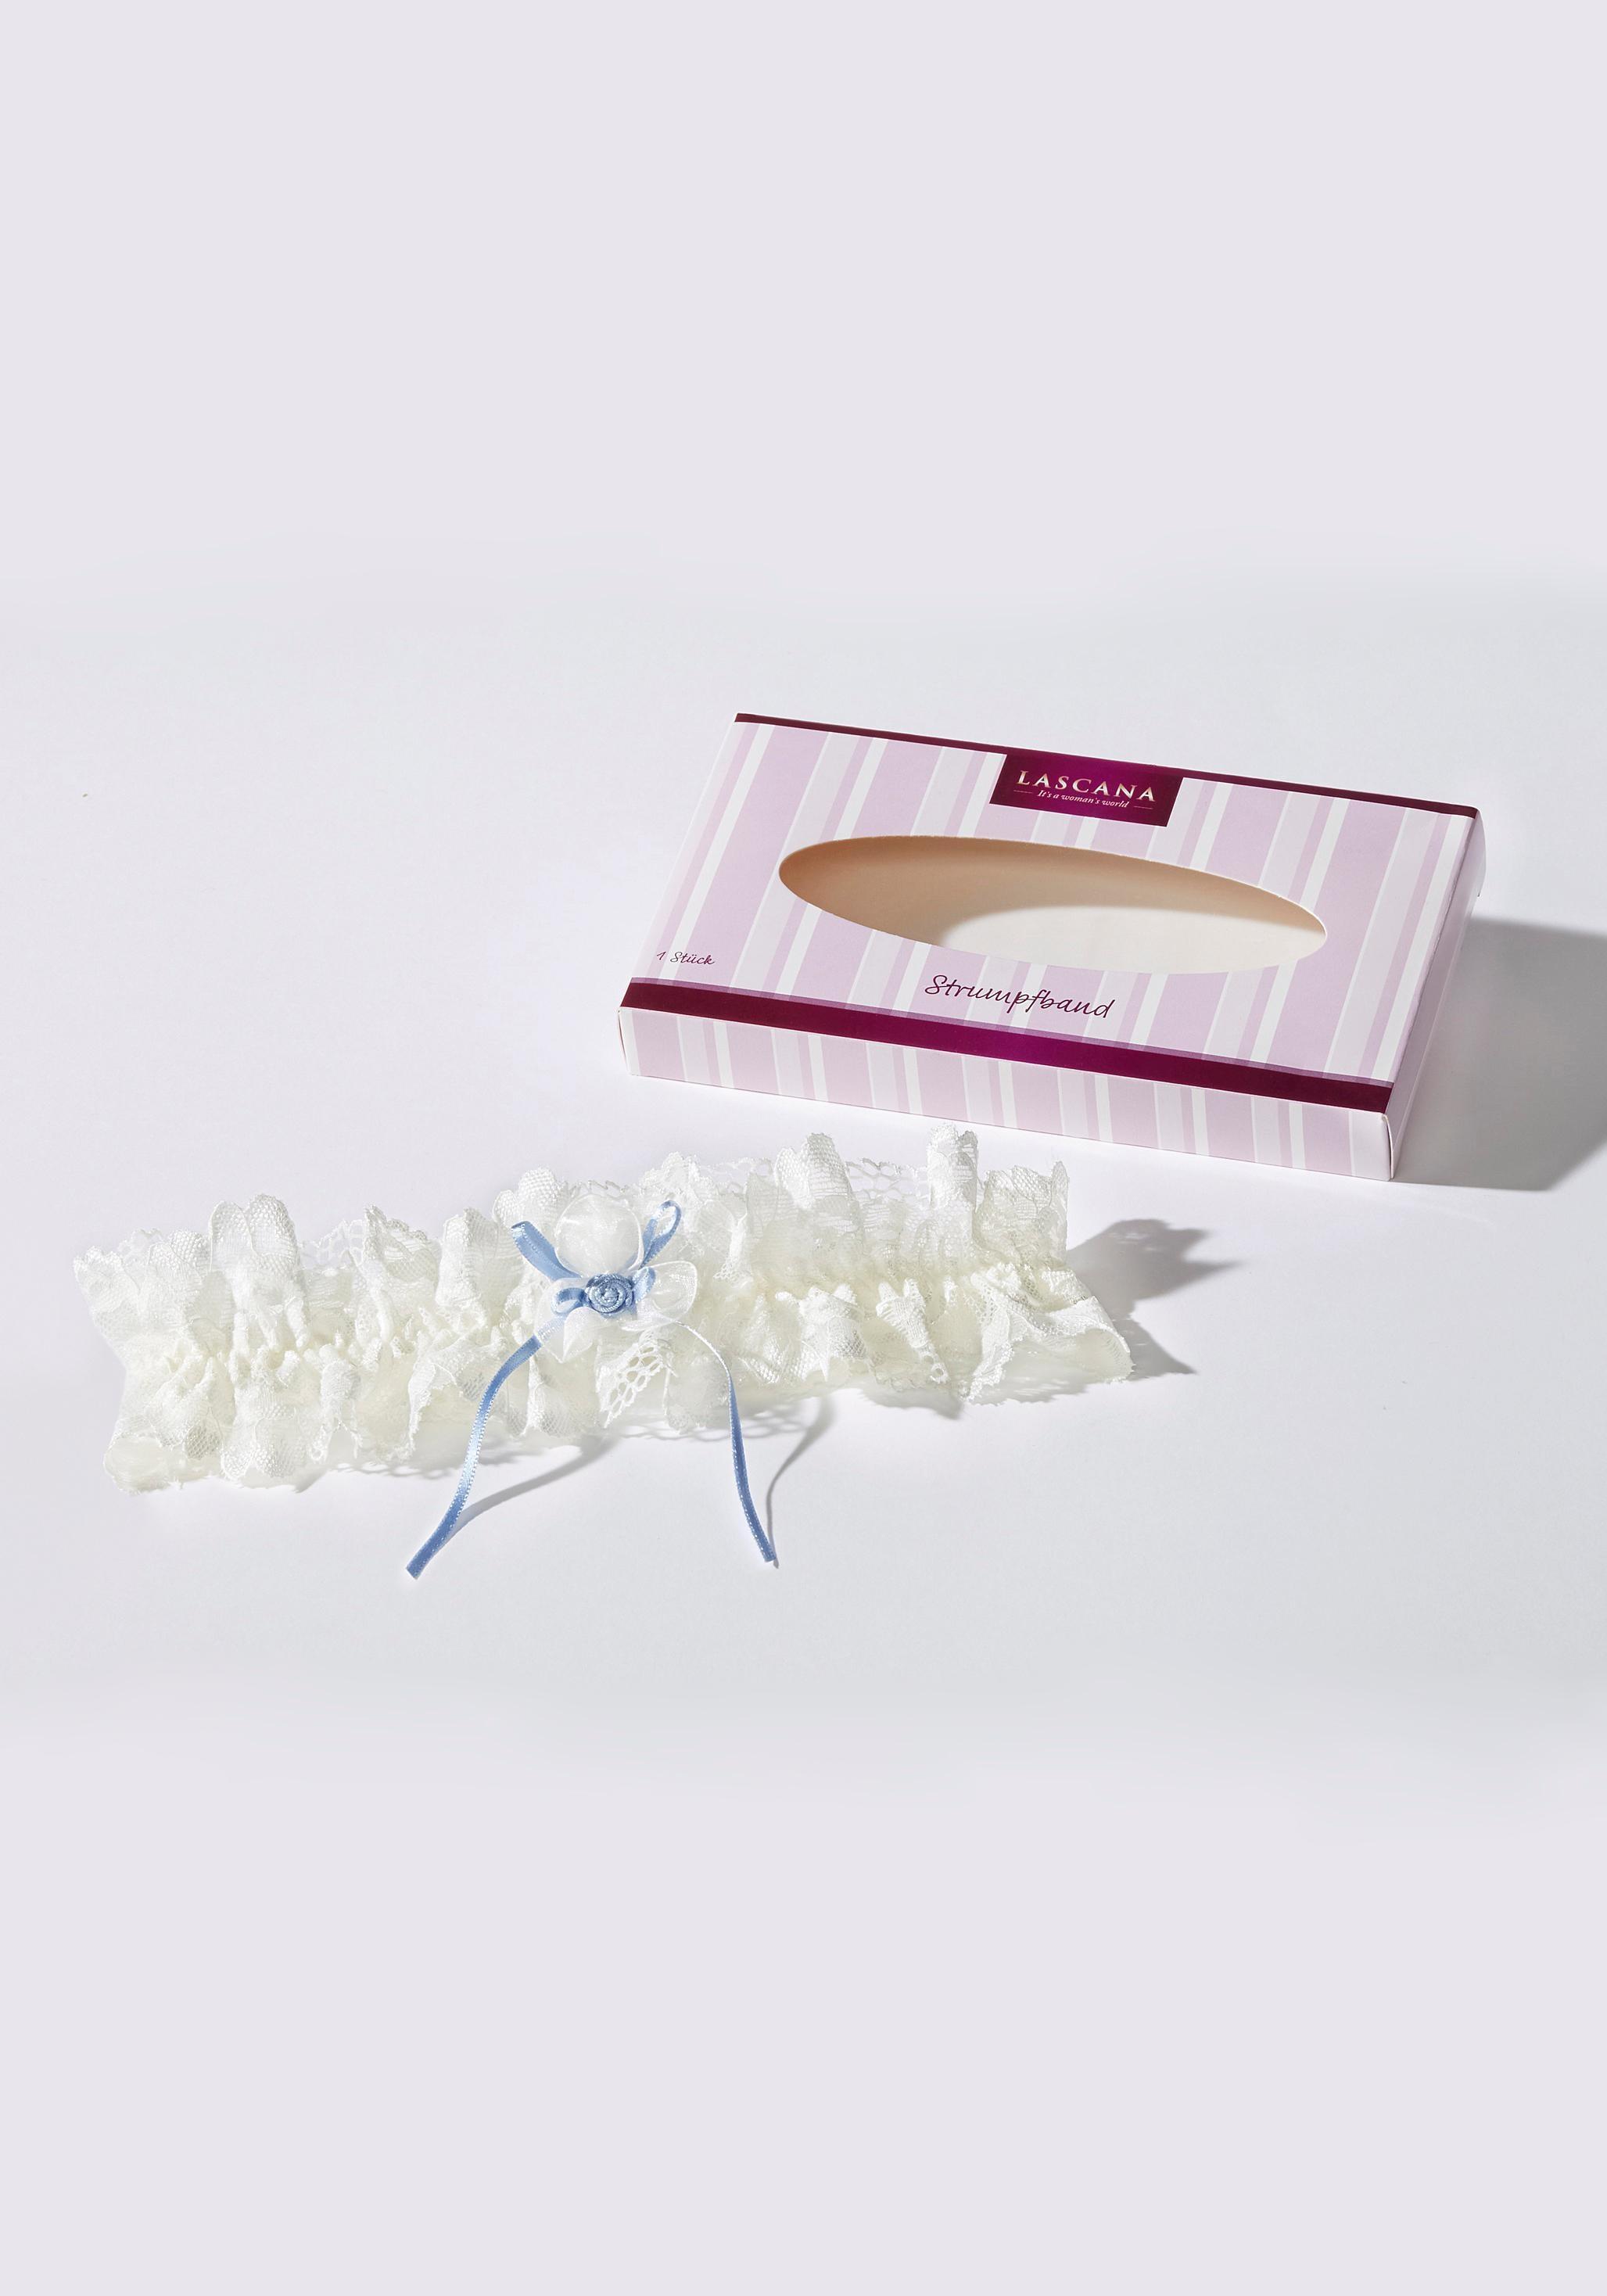 LASCANA Strumpfband in edler Spitze das perfekte Accessoire für deine Hochzeit Damenmode/Wäsche & Bademode/Damenwäsche/Dessous/Strümpfe/Strapsstrümpfe